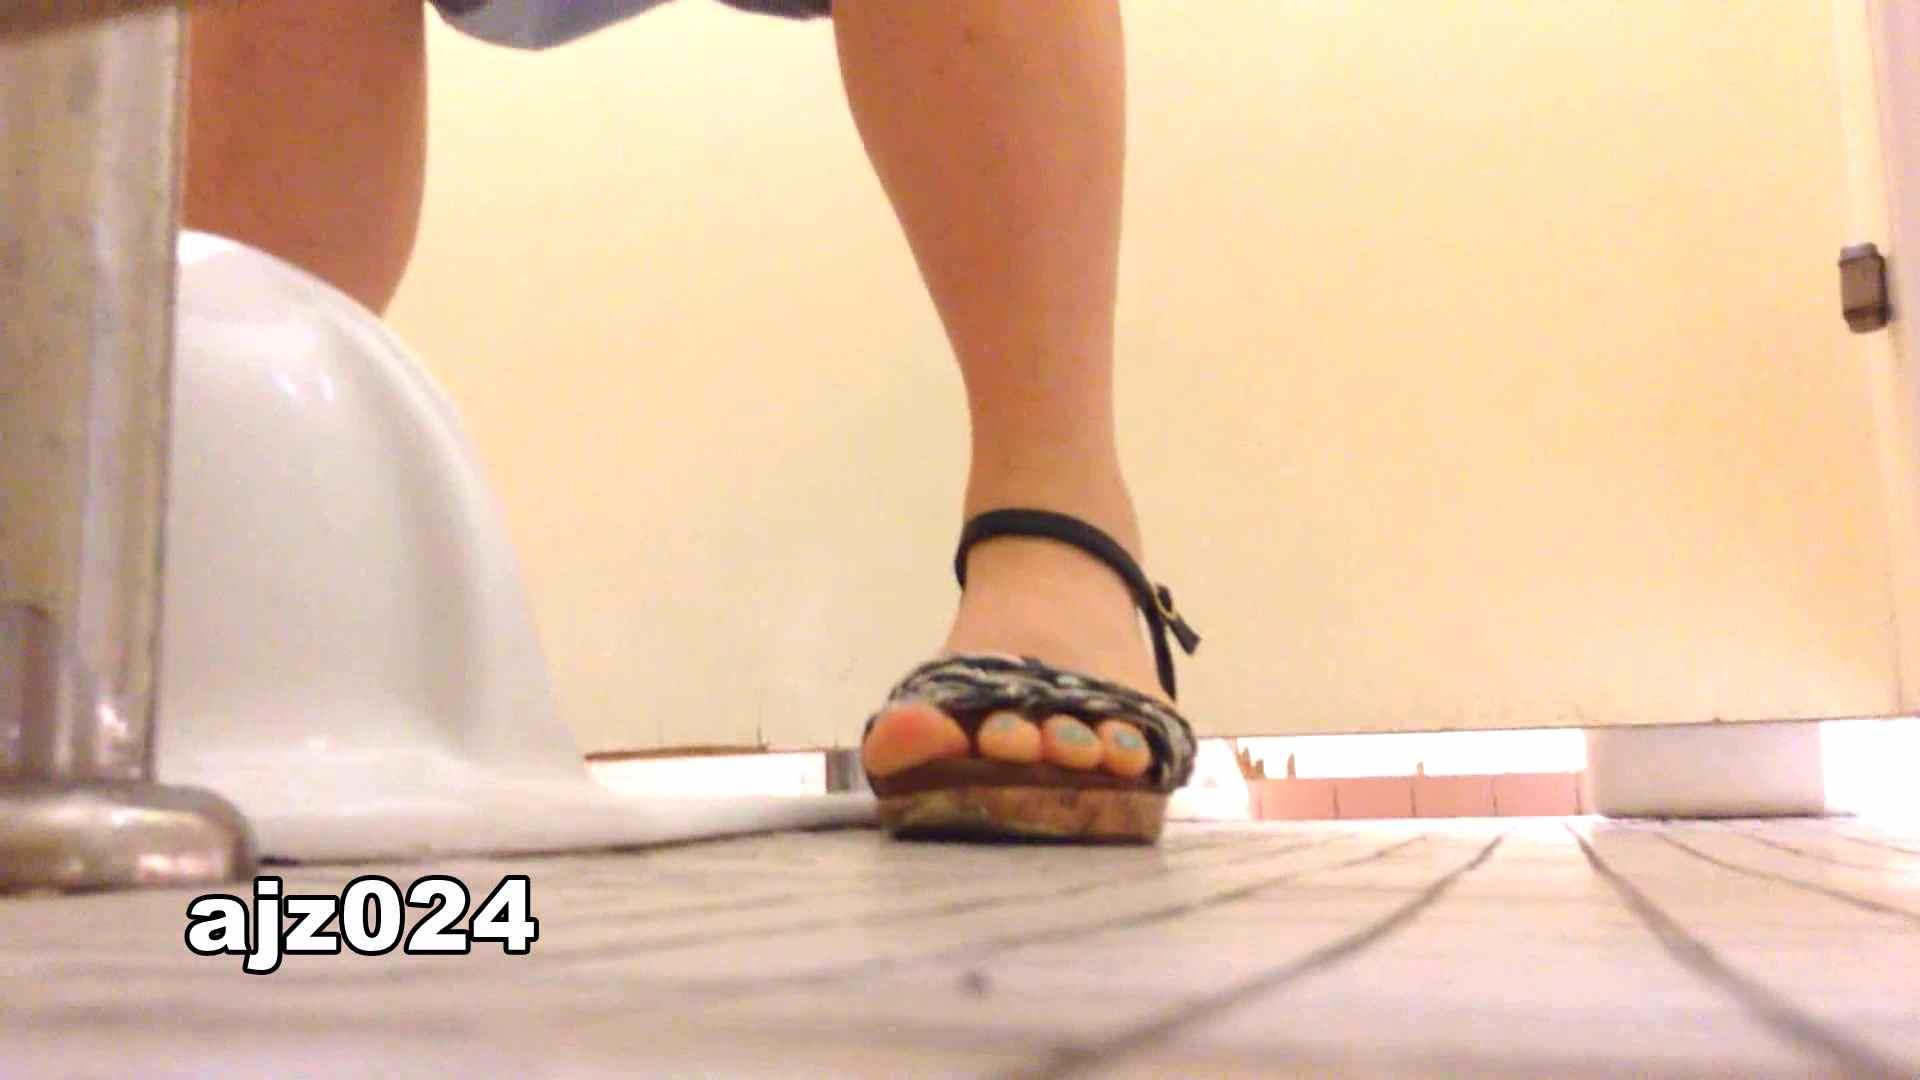 某有名大学女性洗面所 vol.24 和式 隠し撮りすけべAV動画紹介 59画像 47